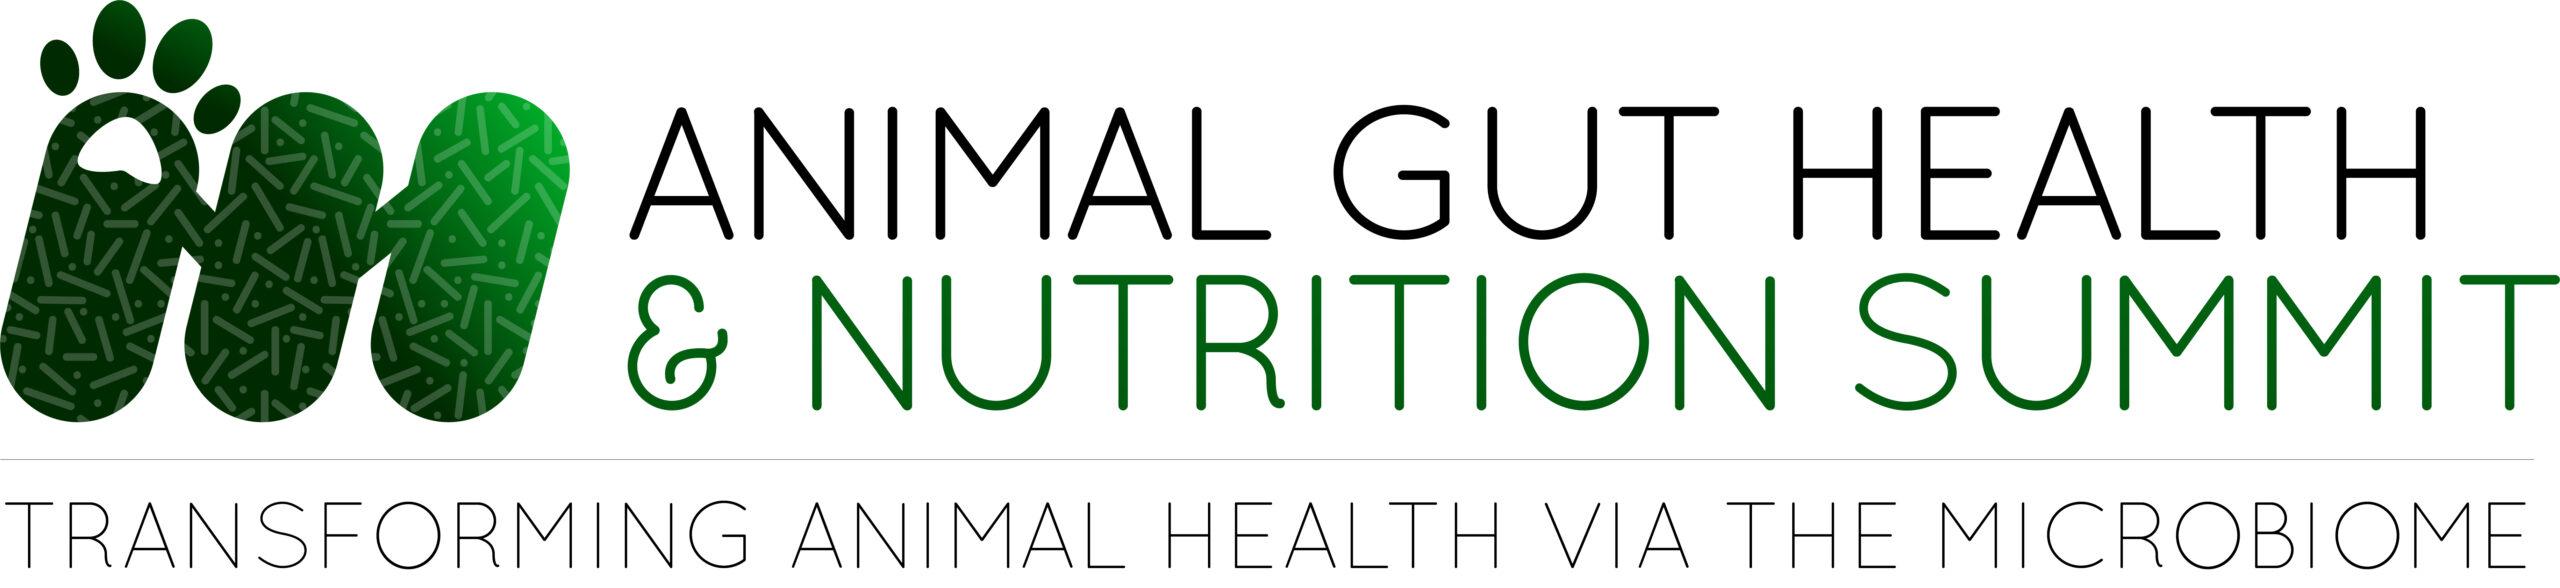 4th Animal Gut Health & Nutrition Summit 2021 logo